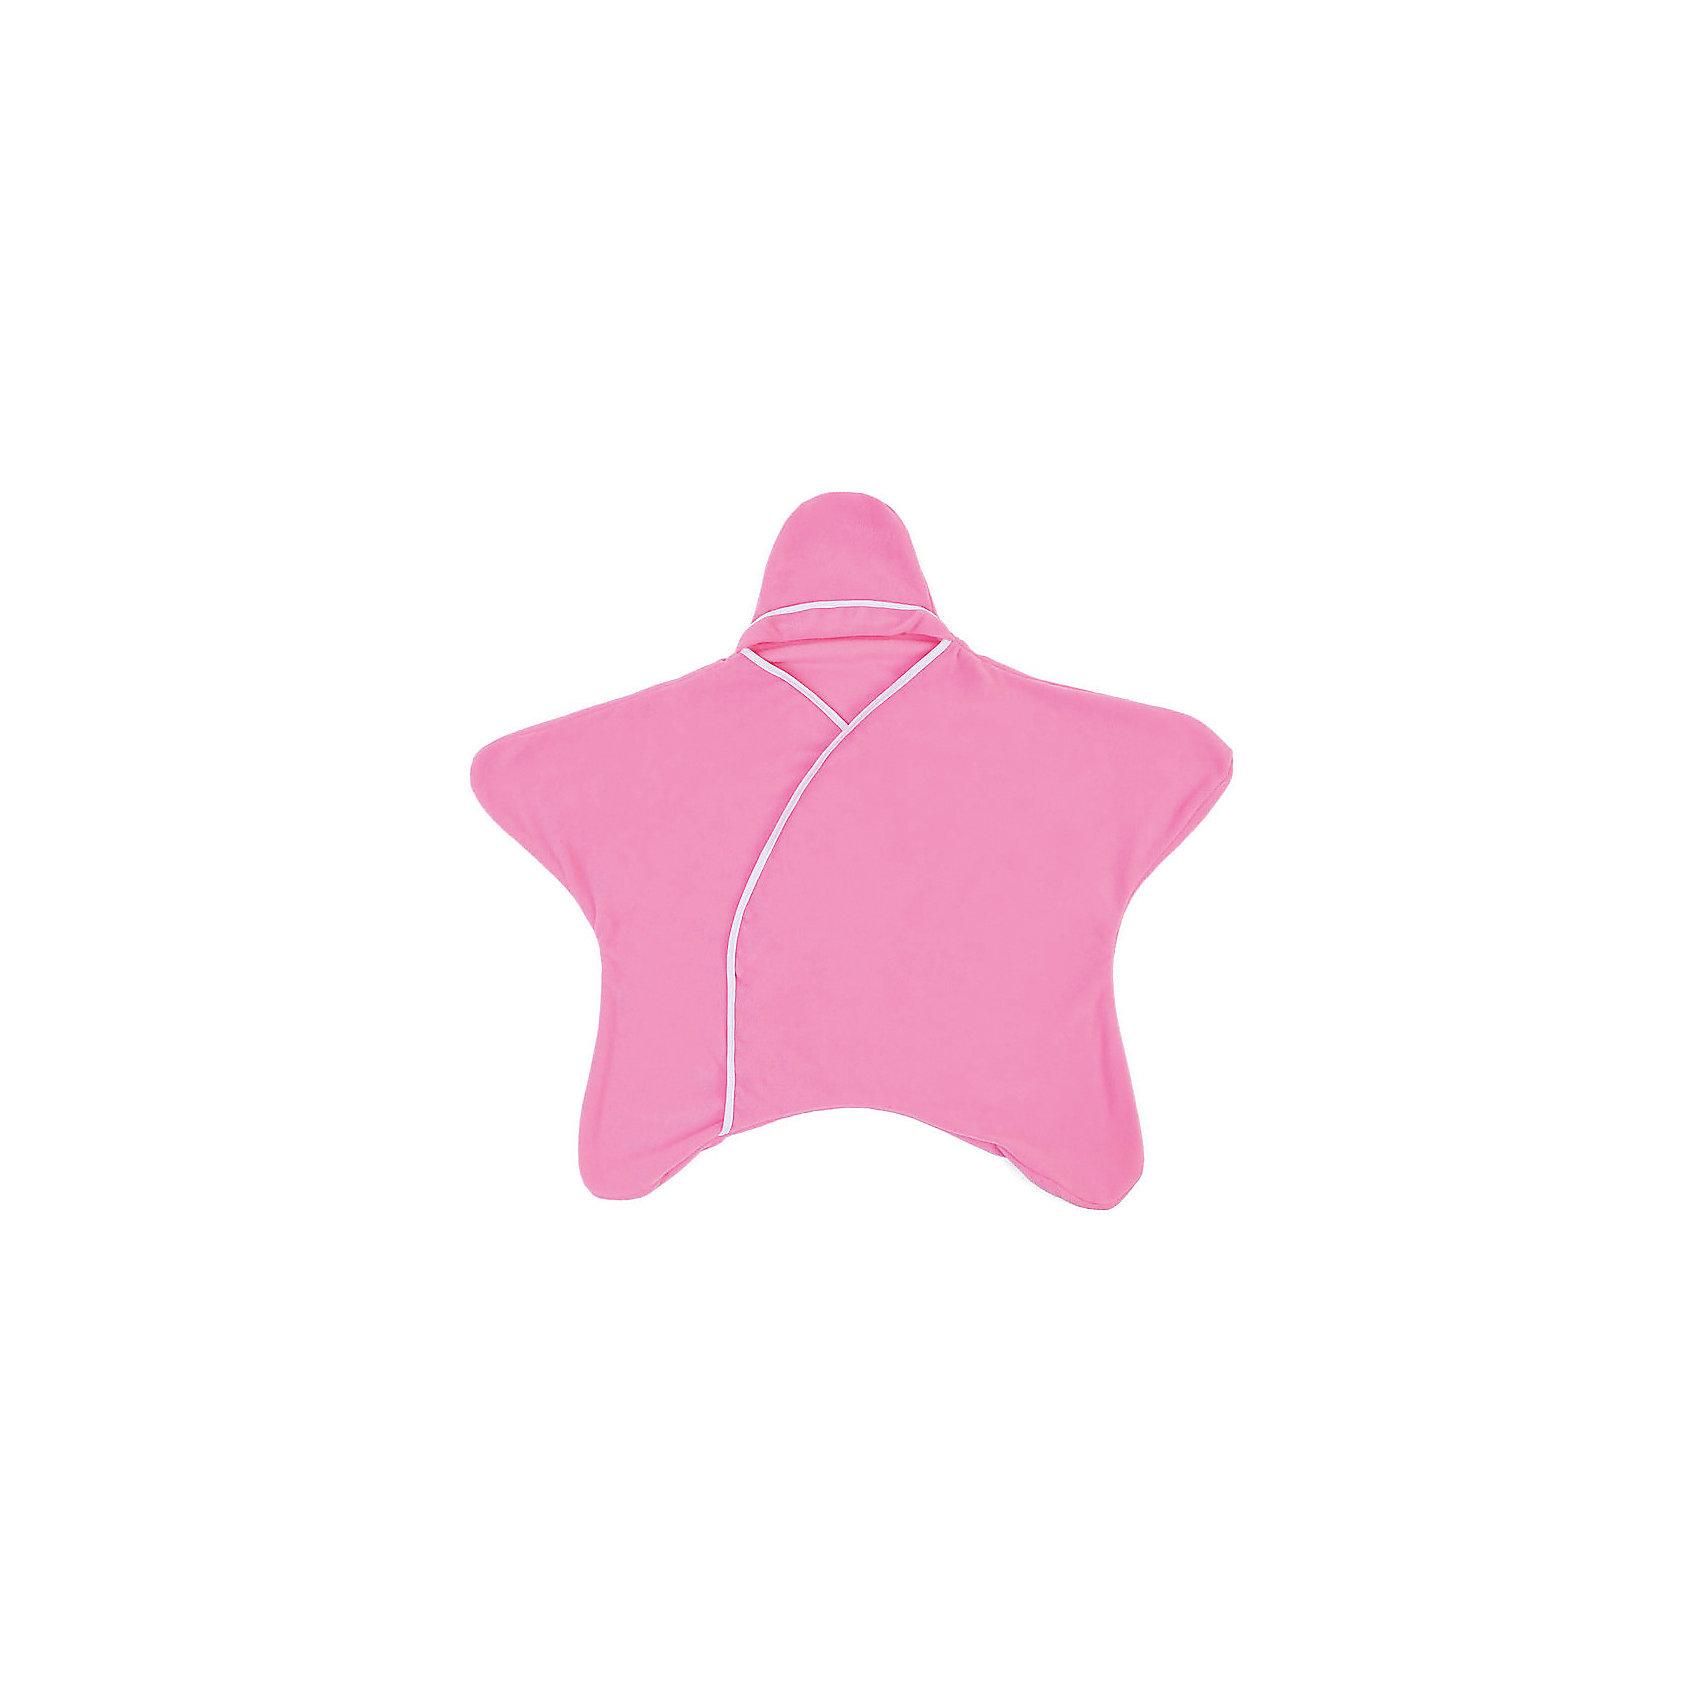 Конверт 5 в 1 Twinklbaby, розовая пантераПеленание<br>Конверт 5 в 1 Twinklbaby специально разработан для родителей, которые ценят качественные вещи и хотят подарить своему чаду максимальный комфорт на первых этапах его жизни. Уникальный дизайн конверта для новорожденных 5 в 1 «Заверни и иди» позволяет использовать его также в качестве гигроскопичной пеленки, уютного комбинезона, пледа или коврика для игр. Особенность изделия – отсутствие каких-либо застежек, благодаря чему быстро укутать кроху не составляет проблем. Специальная форма не сковывает движений малыша, предоставляя его ручкам и ножкам полную свободу.<br><br>Характеристики: <br><br>- цвет: розовый;                                                                                                                                             - коллекция: заверни и иди;                                                                                                                                                                                                                                                                                                                                                                                                                                                         - возраст: от 1-го месяца и выше;                                                                                                                     - рост: до 80 см;                                                                                                                                                           - пол: универсальный;<br>- совместимость: с 5-титочечными страховочными ремнями — можно использовать в детских колясках и автолюльках;                                                                                                                                                     - применение: все сезоны (используется как верхняя одежда);                                                             